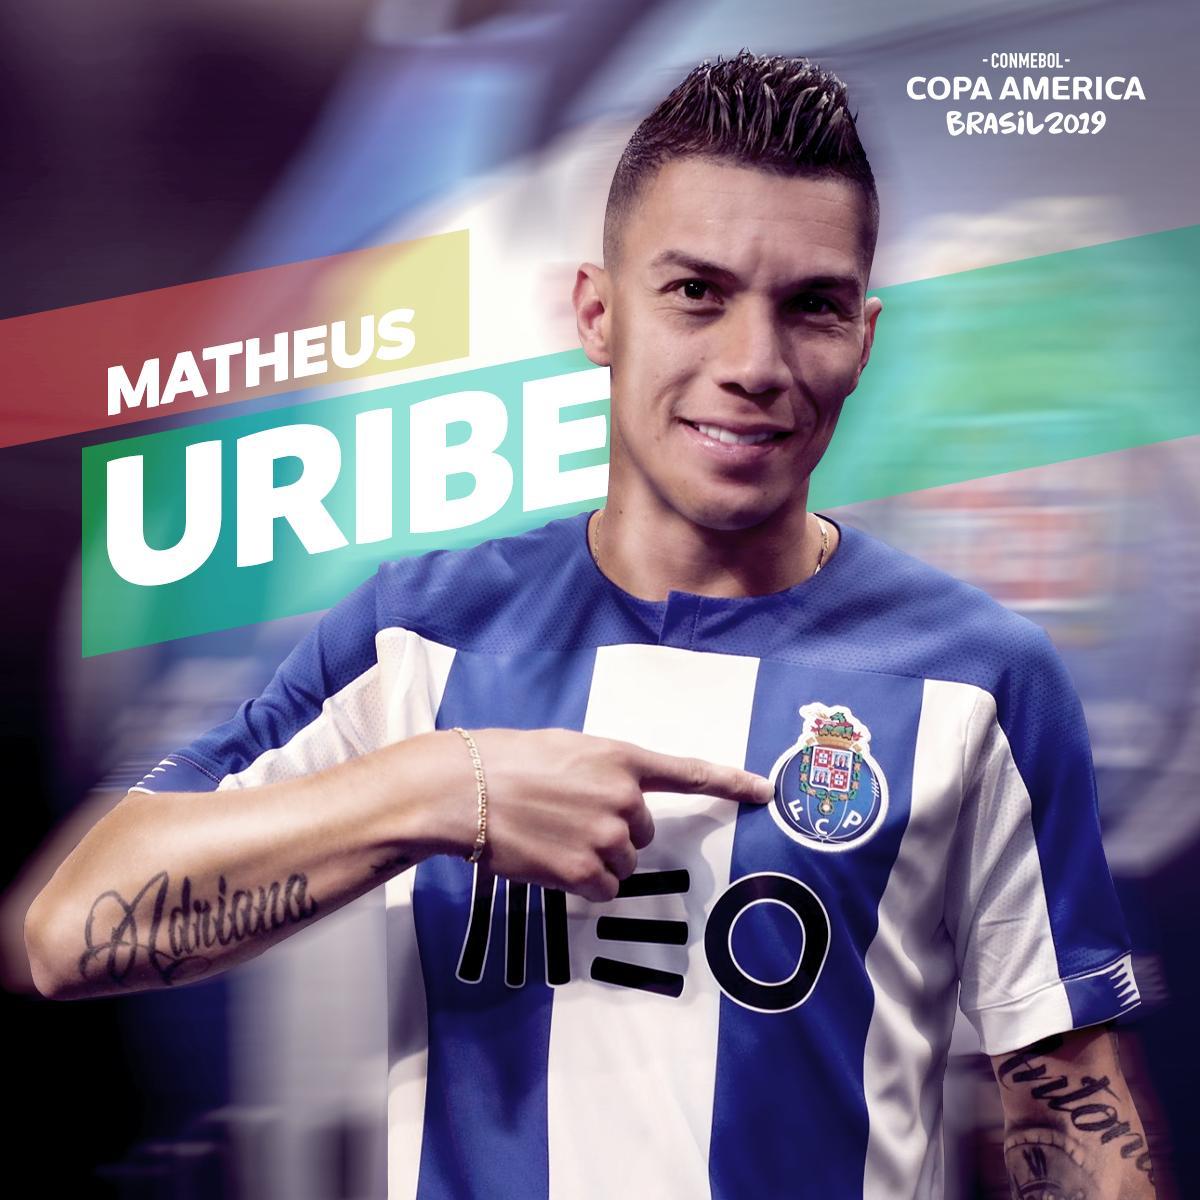 Fuimos testigos del talento de @matheus_uribe8, luego de la #CopaAmérica el viejo continente es testigo de su magia. 🧙